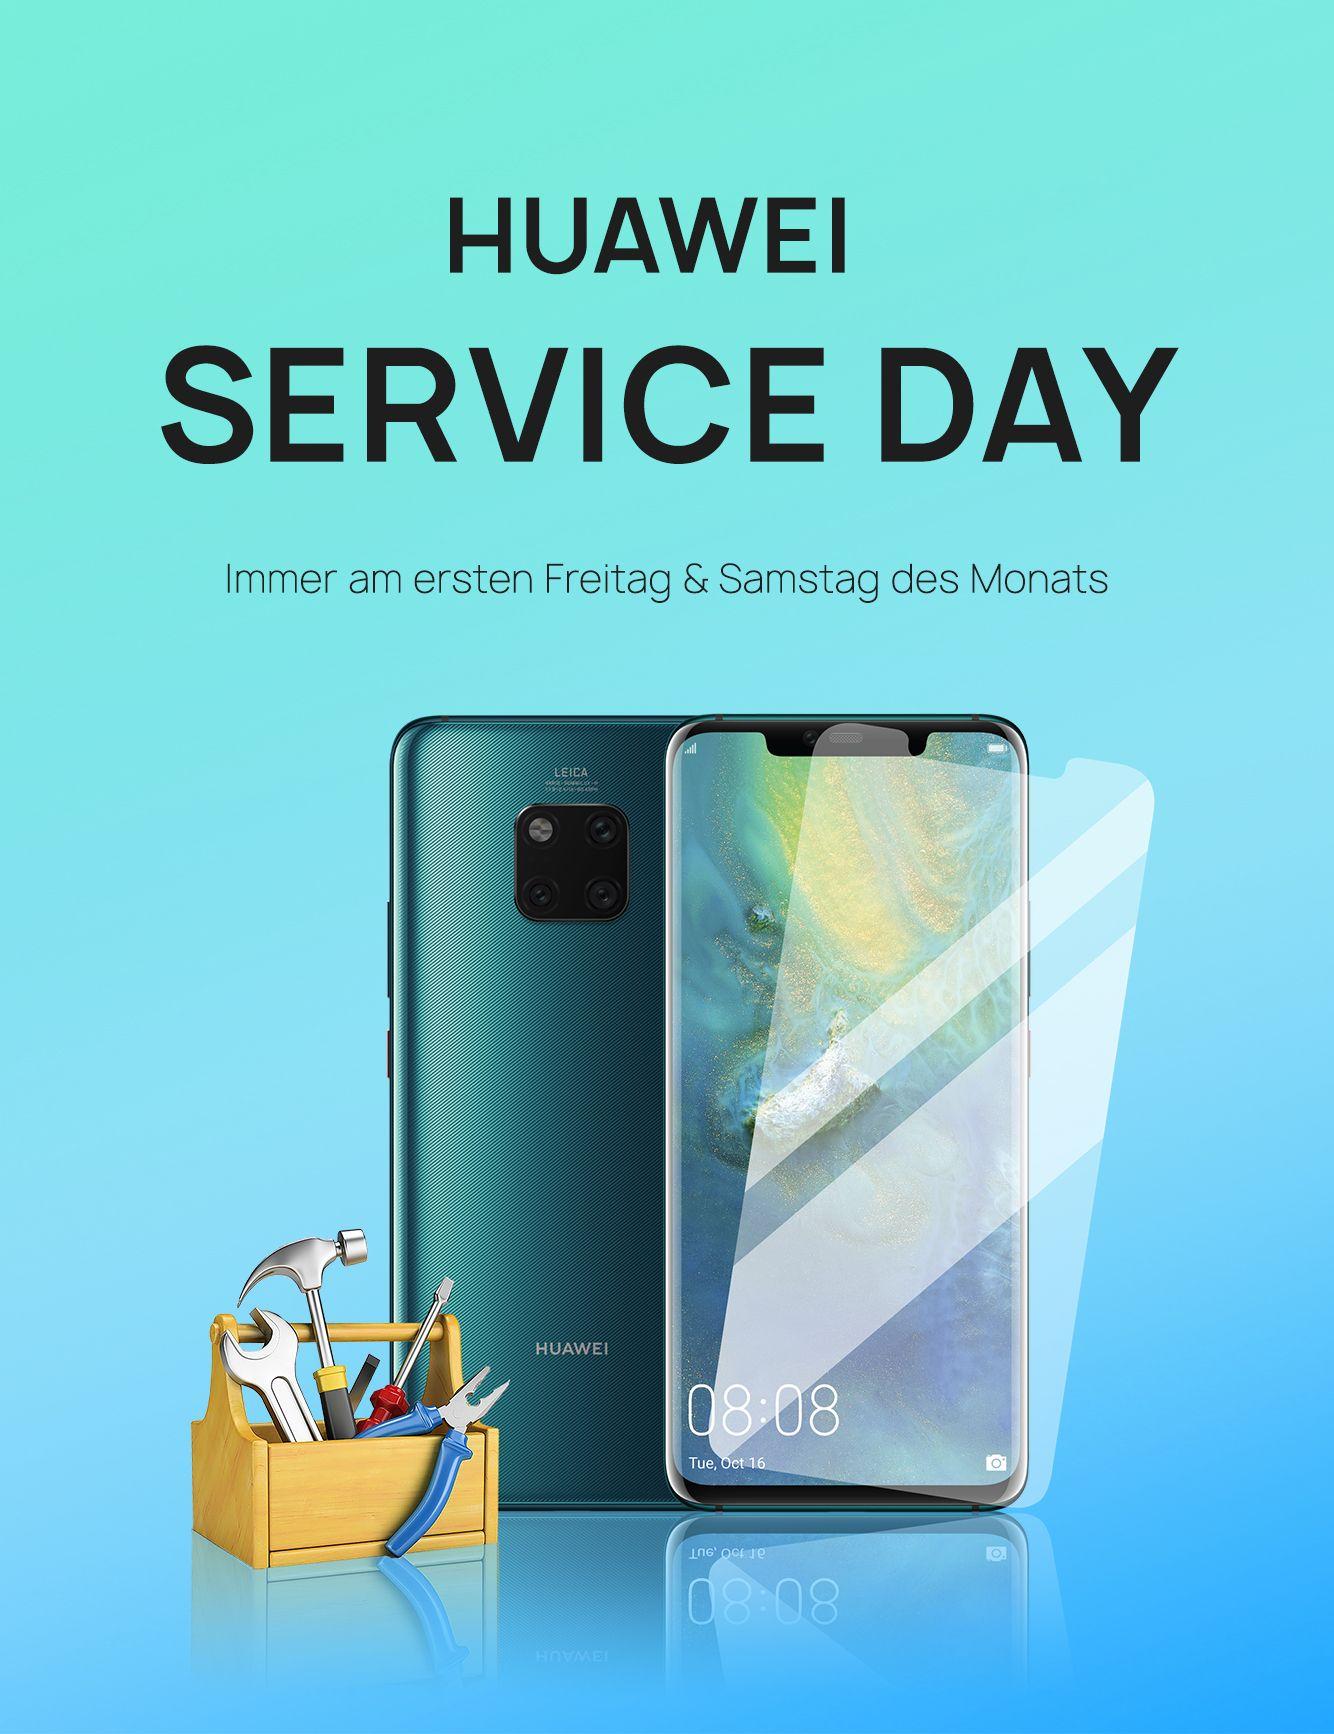 Gratis Folienservice und mehr am Huawei Service Day im HUAWEI Customer Service Center Berlin